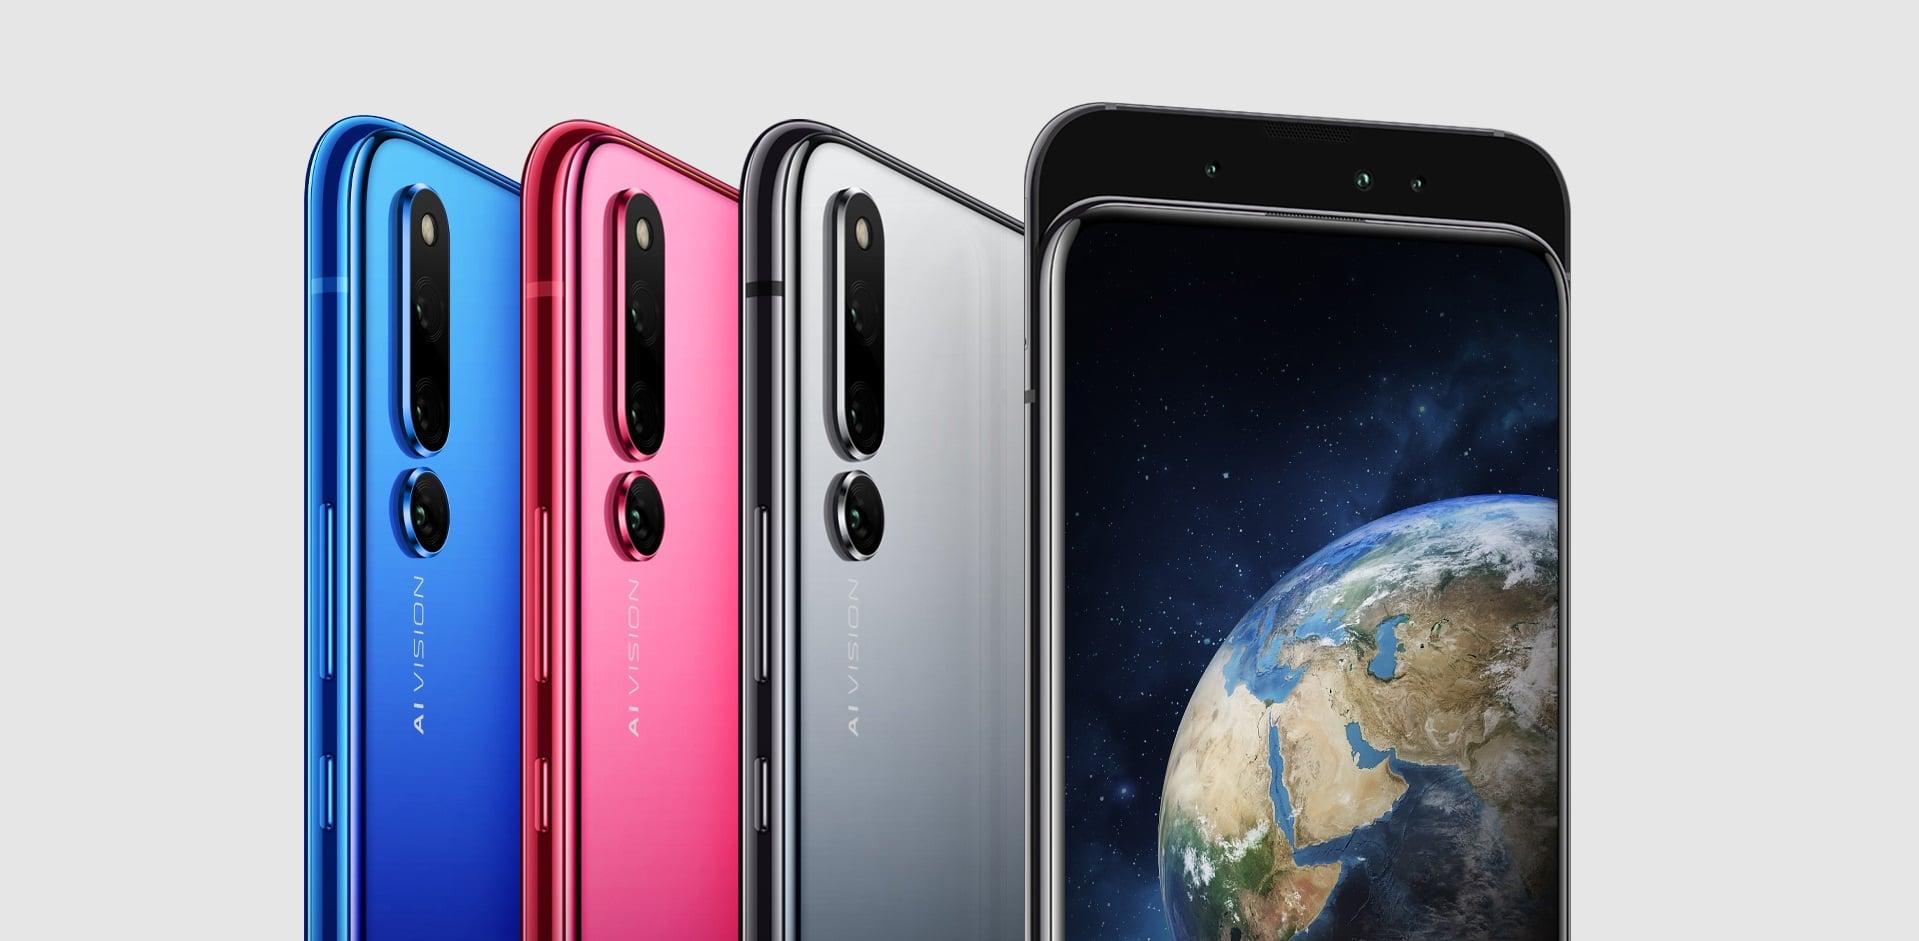 Tabletowo.pl Honor Magic 2 oficjalnie - slider z sześcioma aparatami, asystentem YOYO i czytnikiem linii papilarnych w ekranie Android Huawei Nowości Smartfony